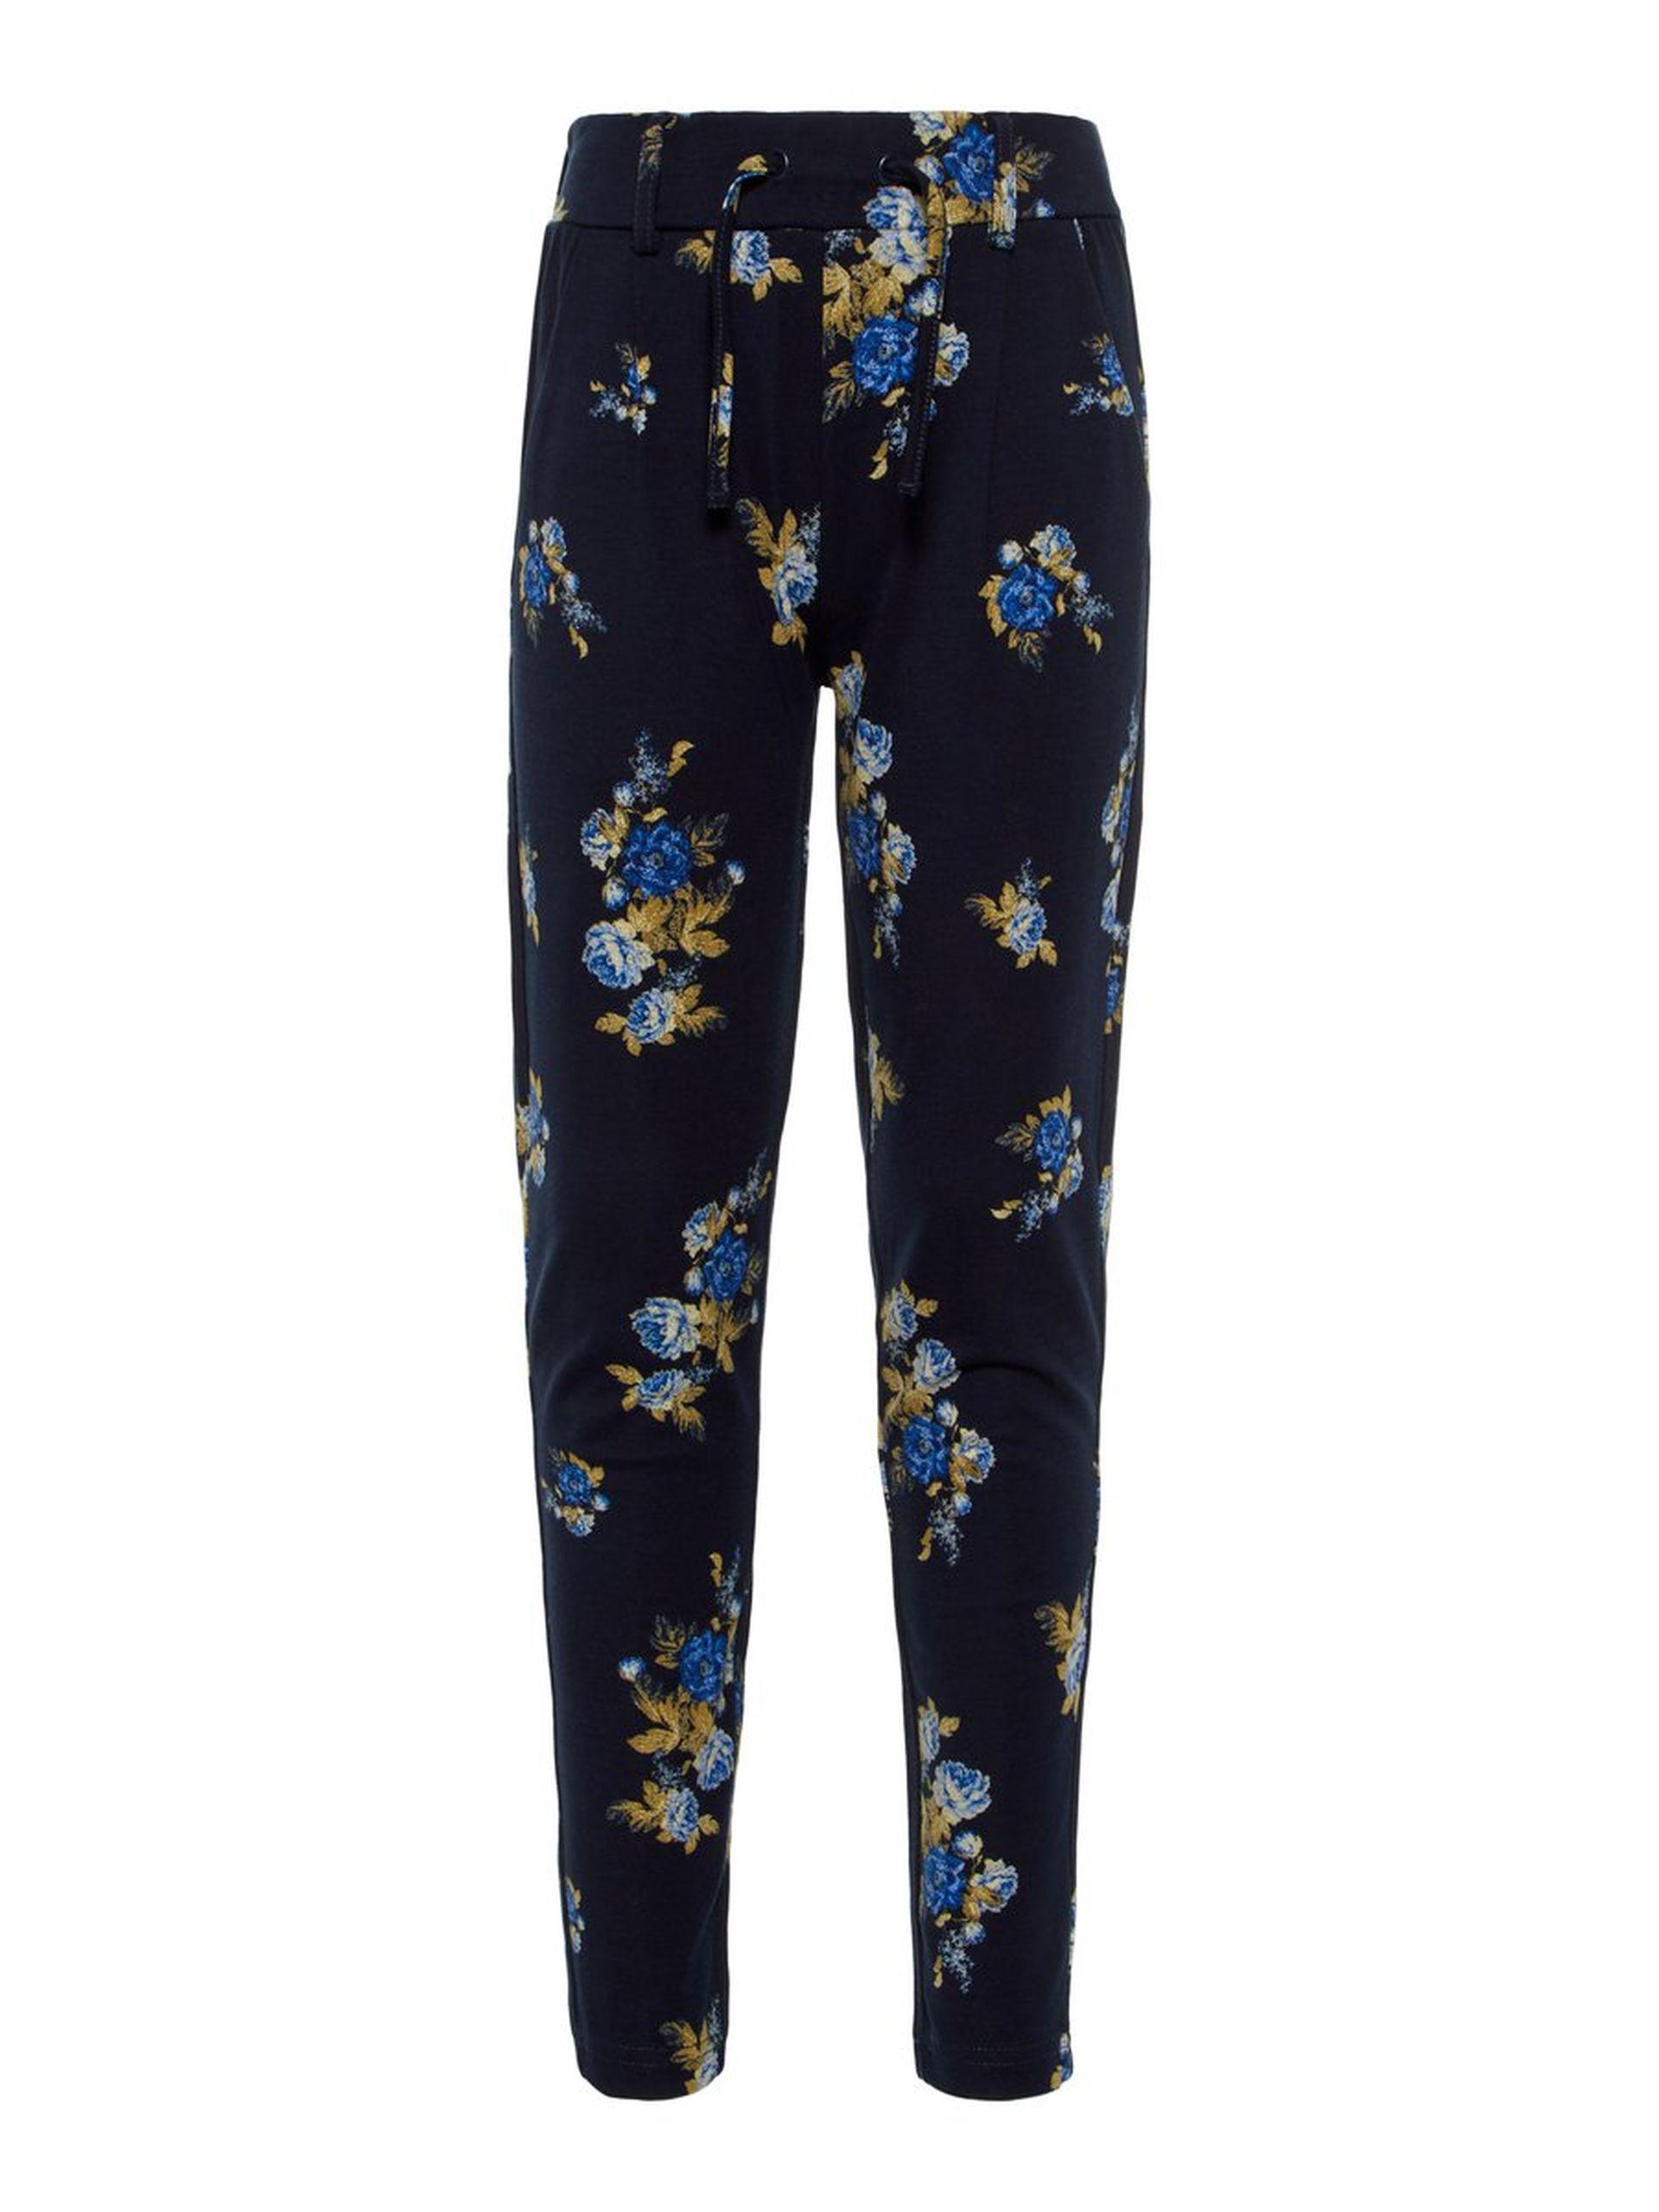 02d7c04b Name It jentebukse, joggebukse til barn, blå bukse fra Name It barneklær